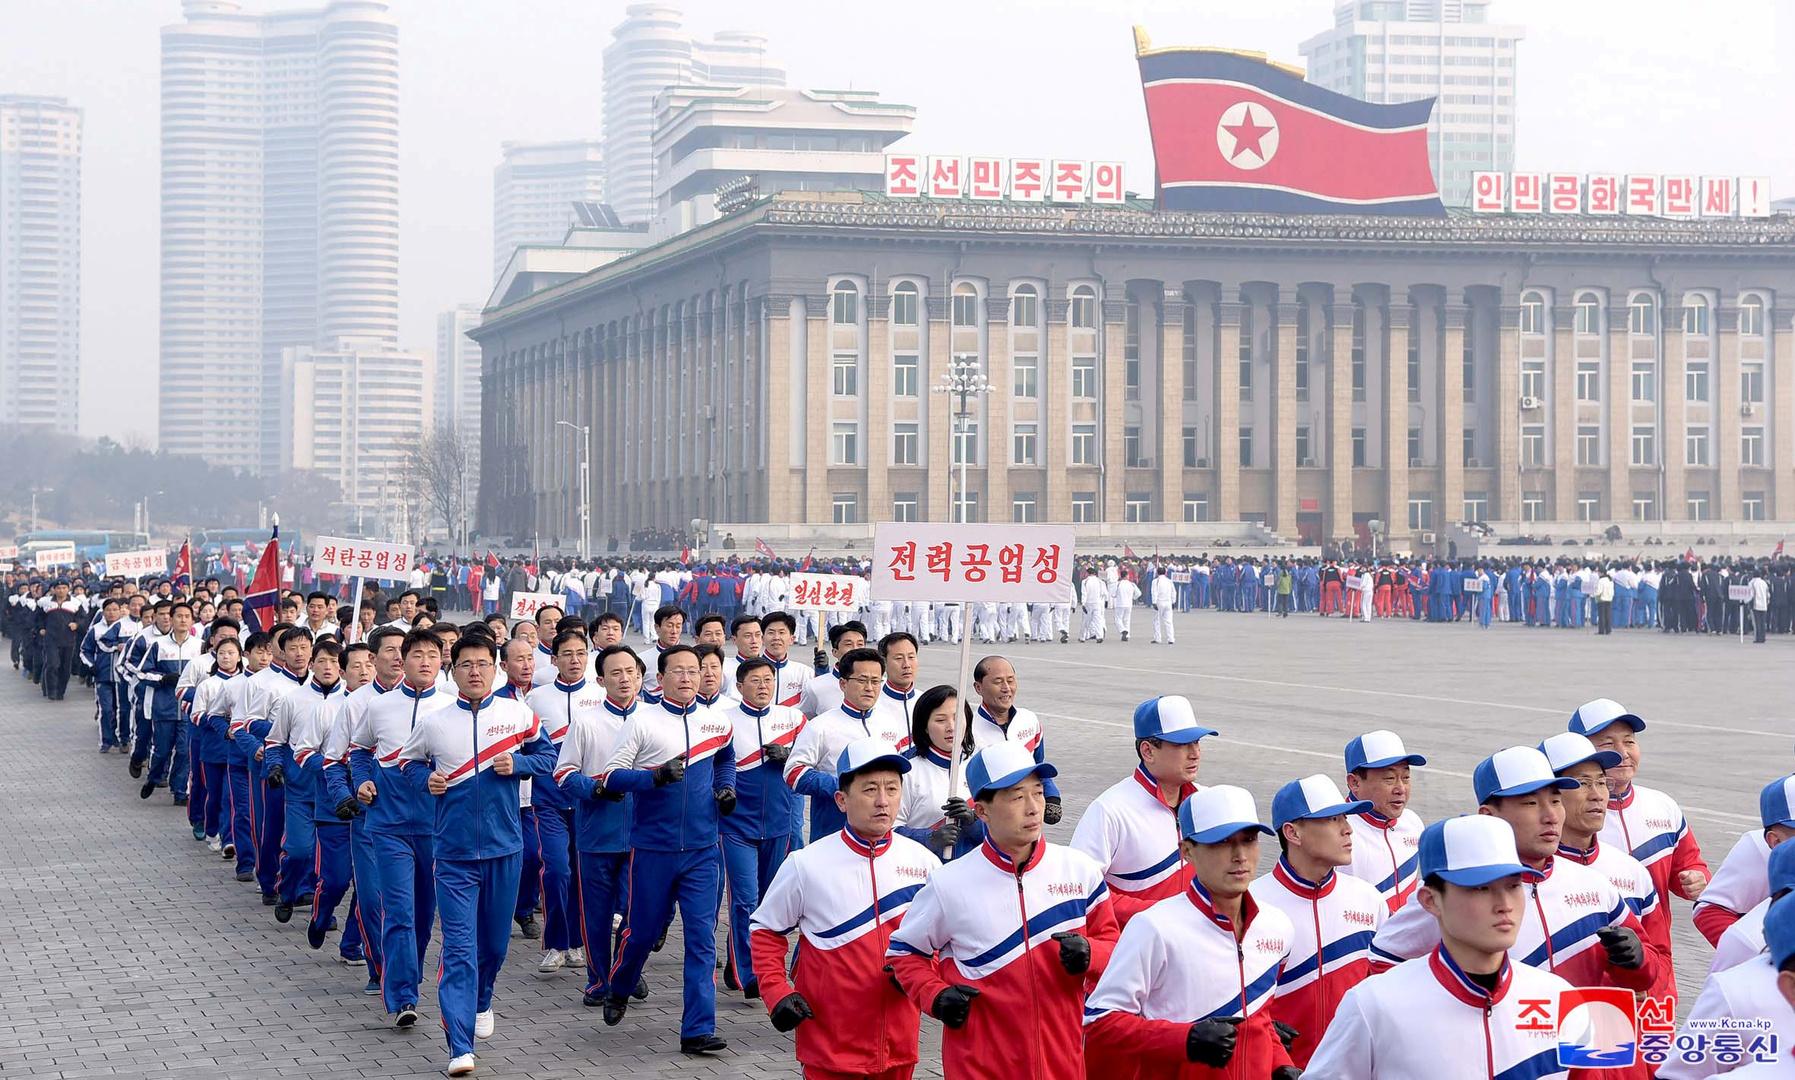 دبلوماسيون أجانب يفرون من كوريا الشمالية ضيقا من حجر صحي صارم